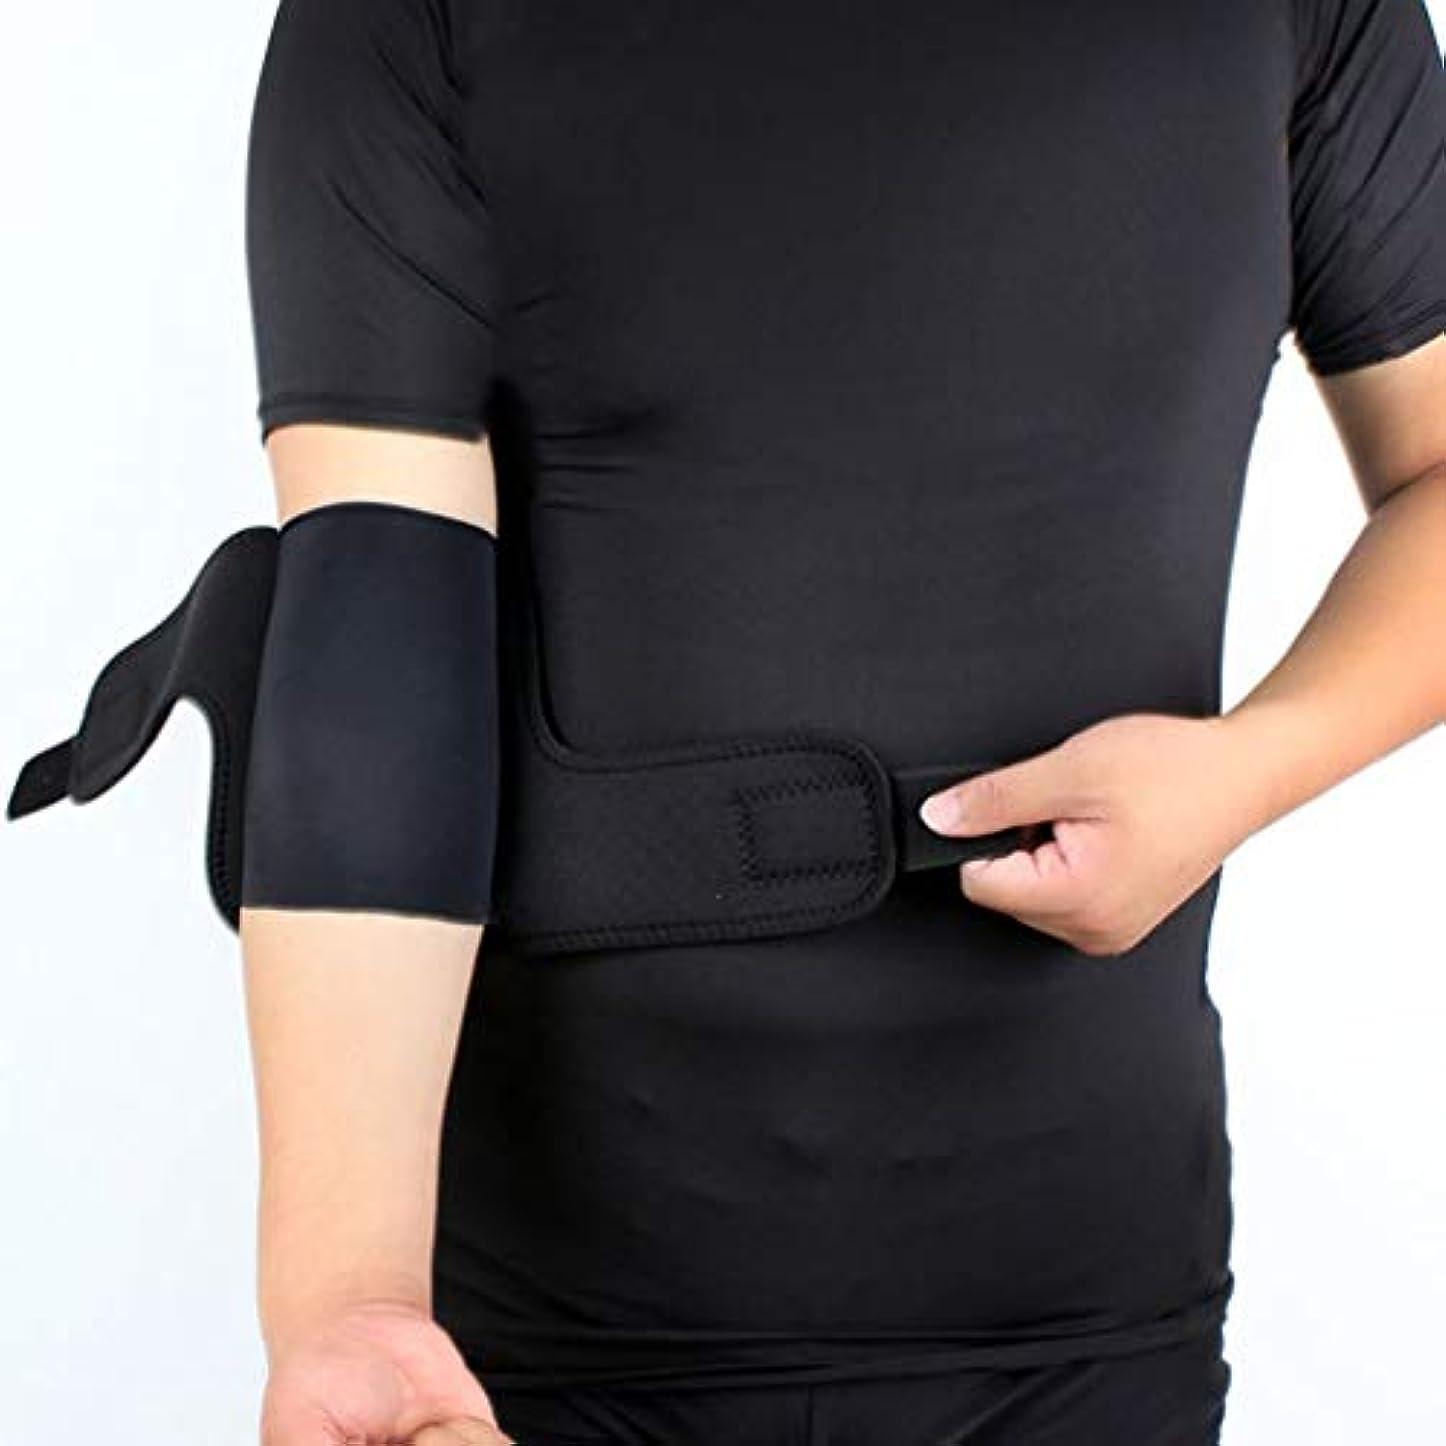 火曜日ディレイ金額スポーツ肘プロテクターバスケットボールアームガード通気性保護肘パッド-innovationo